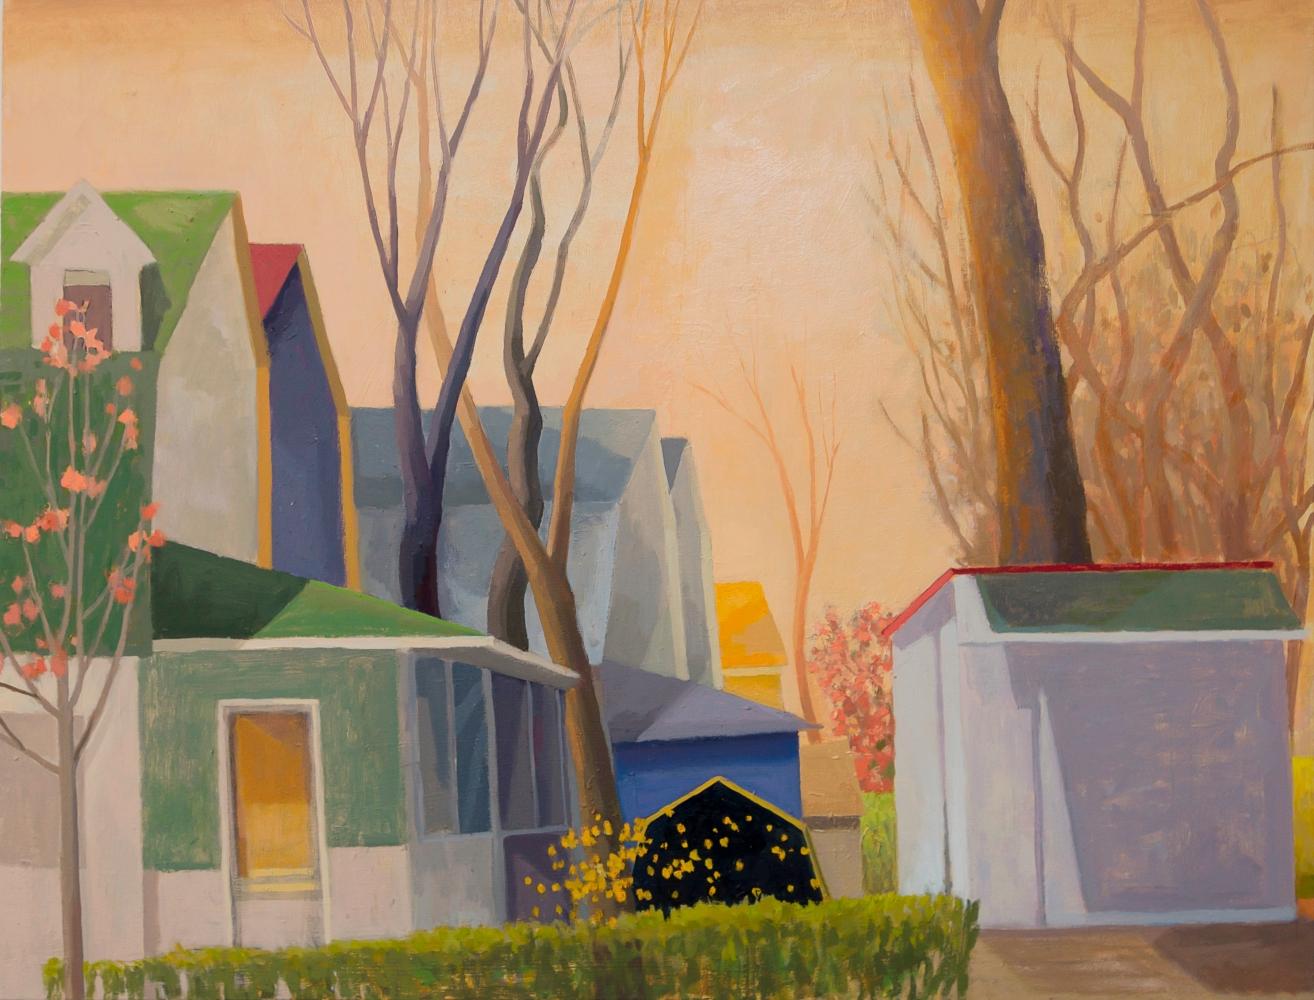 Celia Reisman, Corner Confetti, oil on canvas, 26 x 34 inches